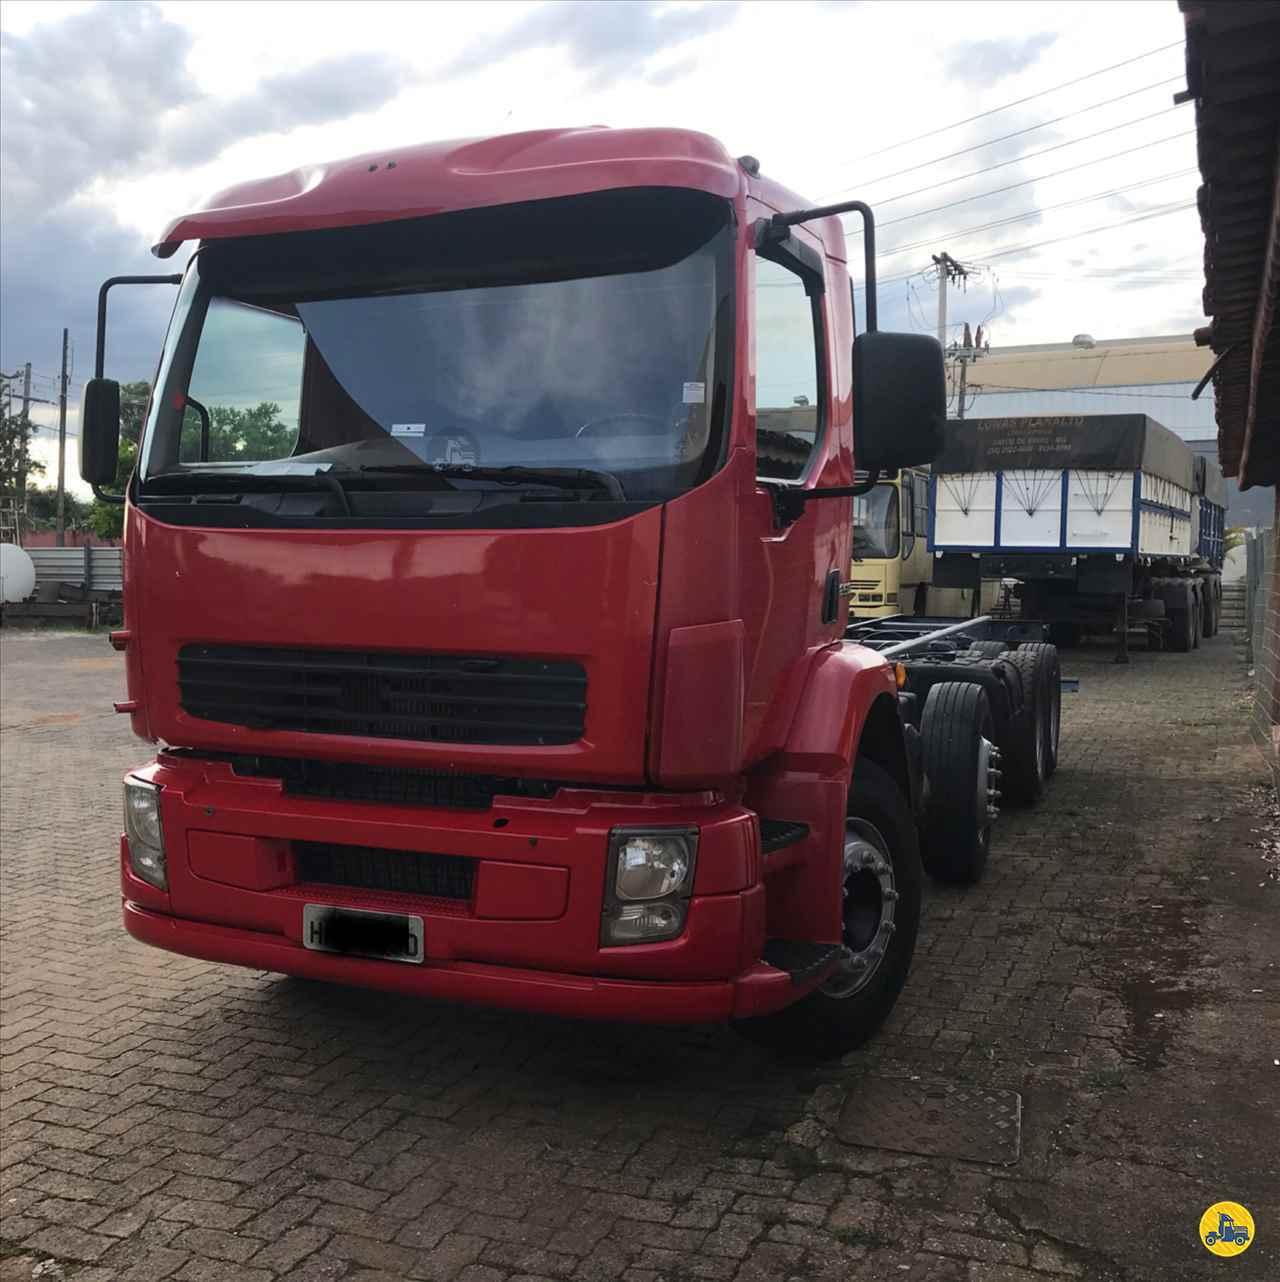 CAMINHAO VOLVO VOLVO VM 260 Chassis Truck 6x2 Geraldo Caminhões PATOS DE MINAS MINAS GERAIS MG